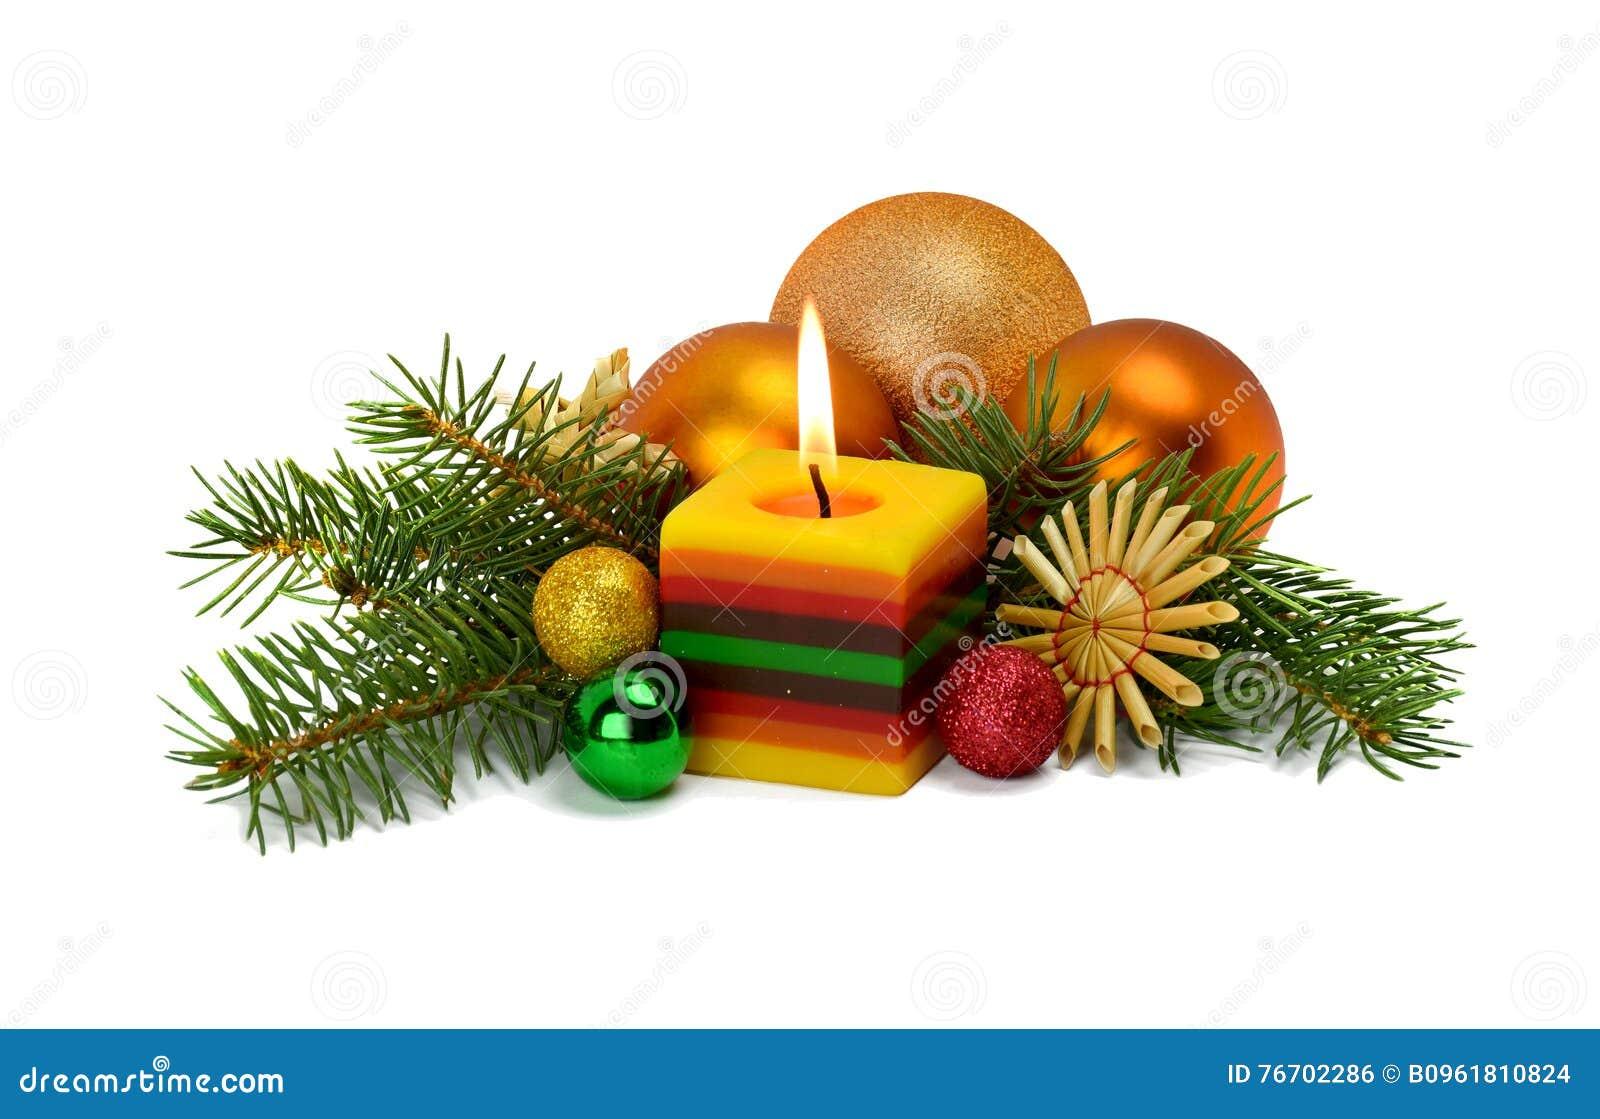 Julordning i en lantlig stil med prydnader som göras av s